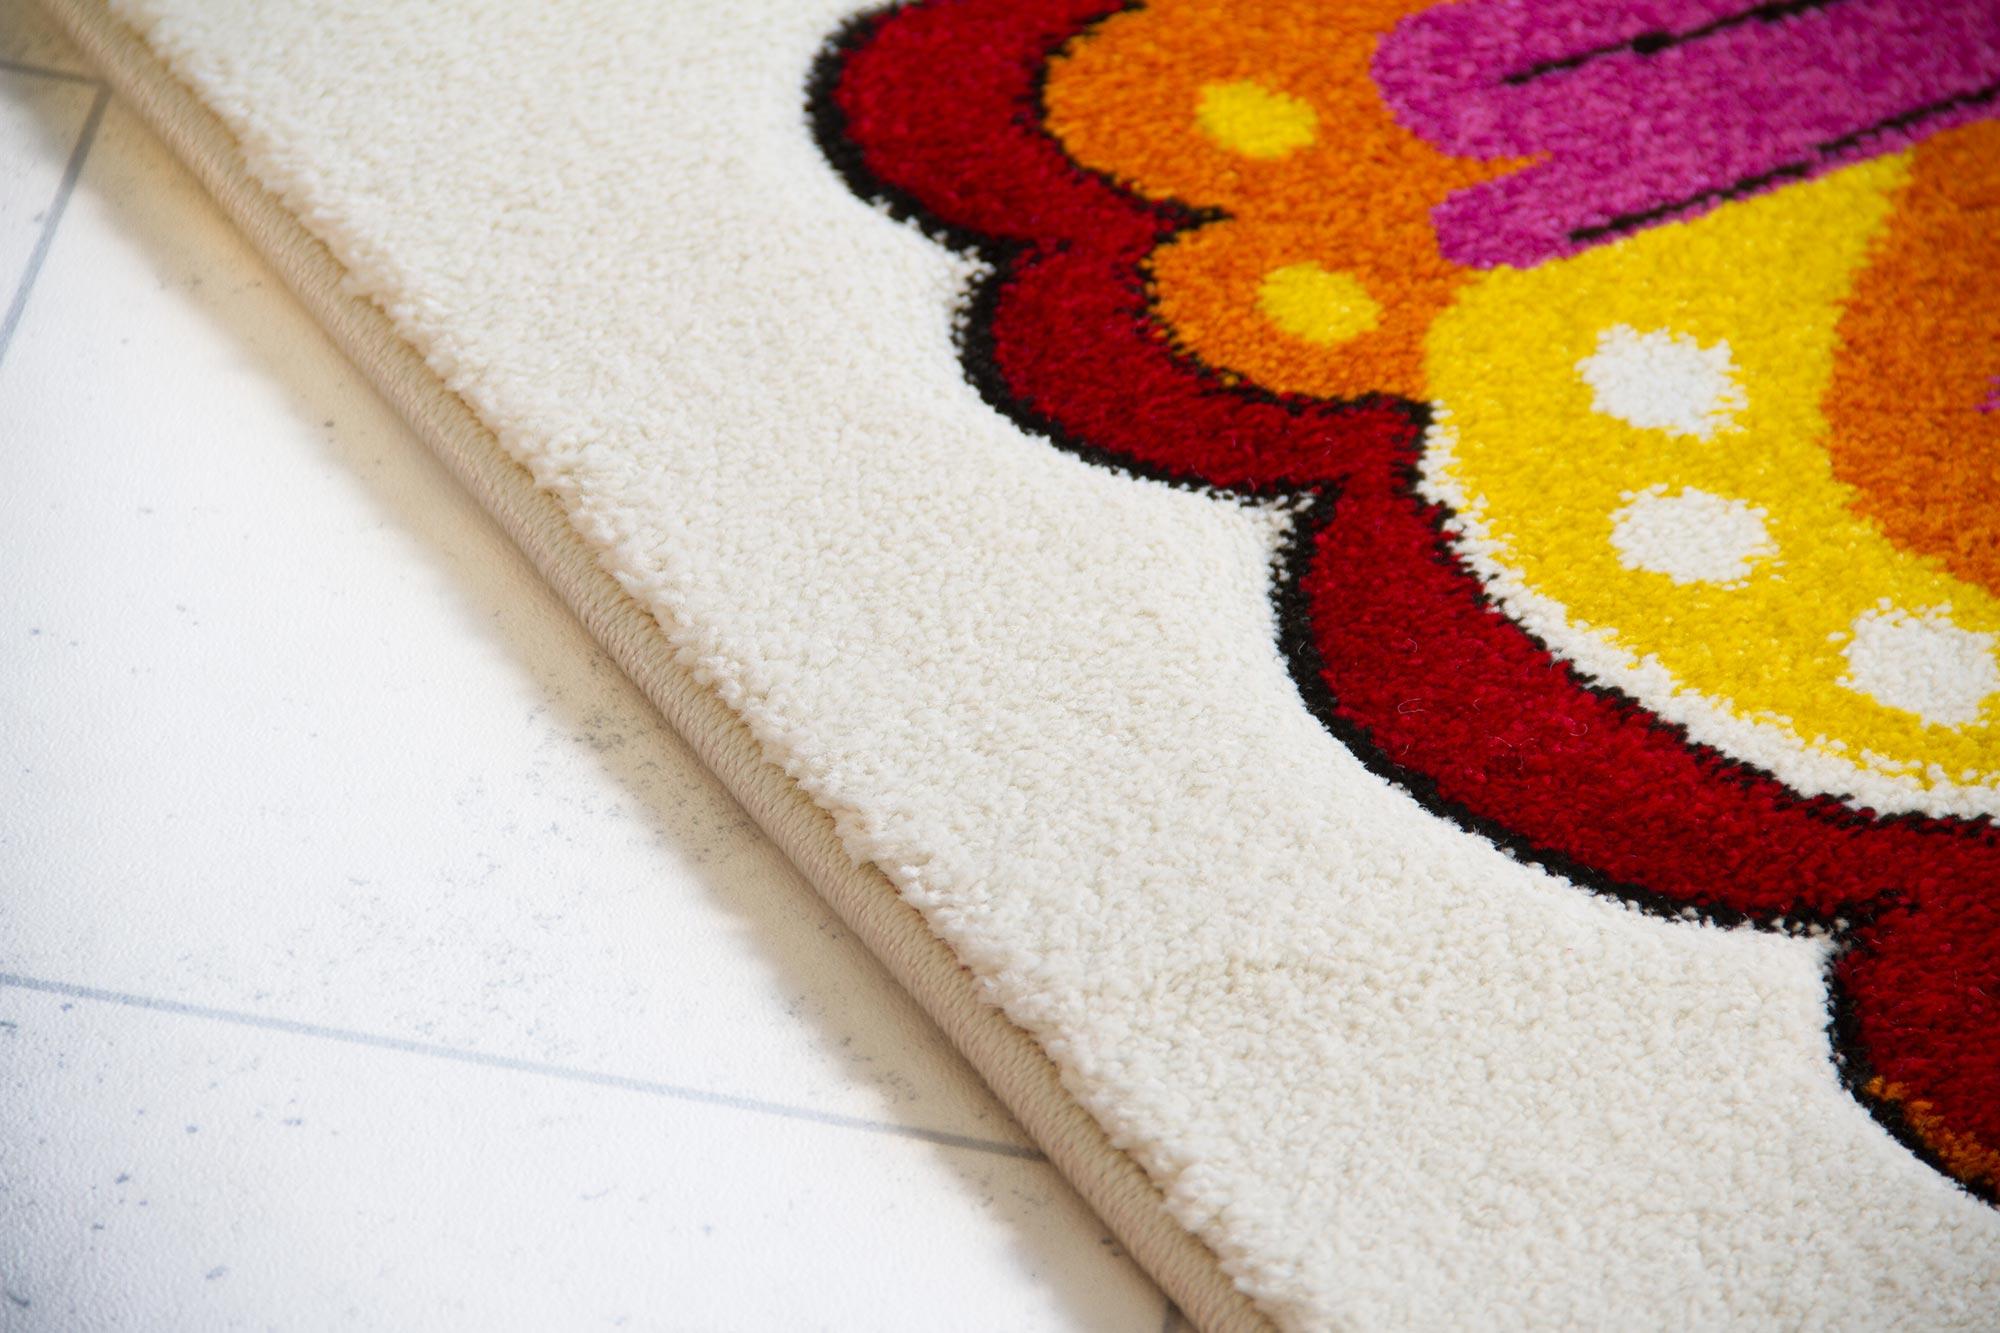 Kinder Teppich Kollektion Kollektion Kollektion Little Carpet - Kinderteppich Spring | Überlegen  ab1700